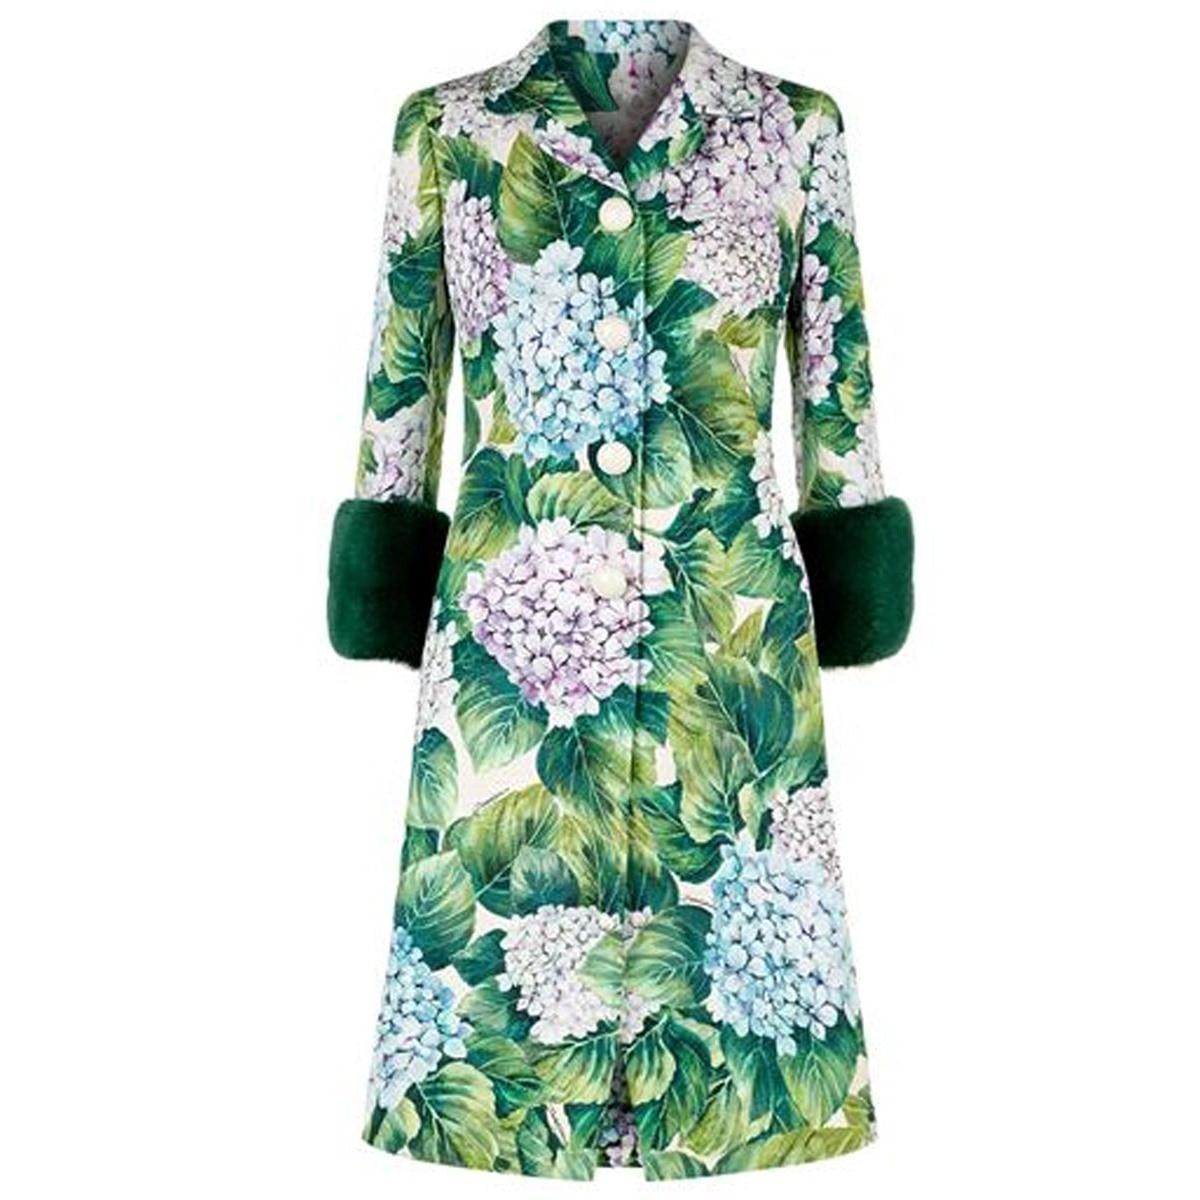 Vert feuilles velours manches femmes Long manteau bouton plante floral laine mélange travail bureau dame mode 2019 Trench manteaux femme